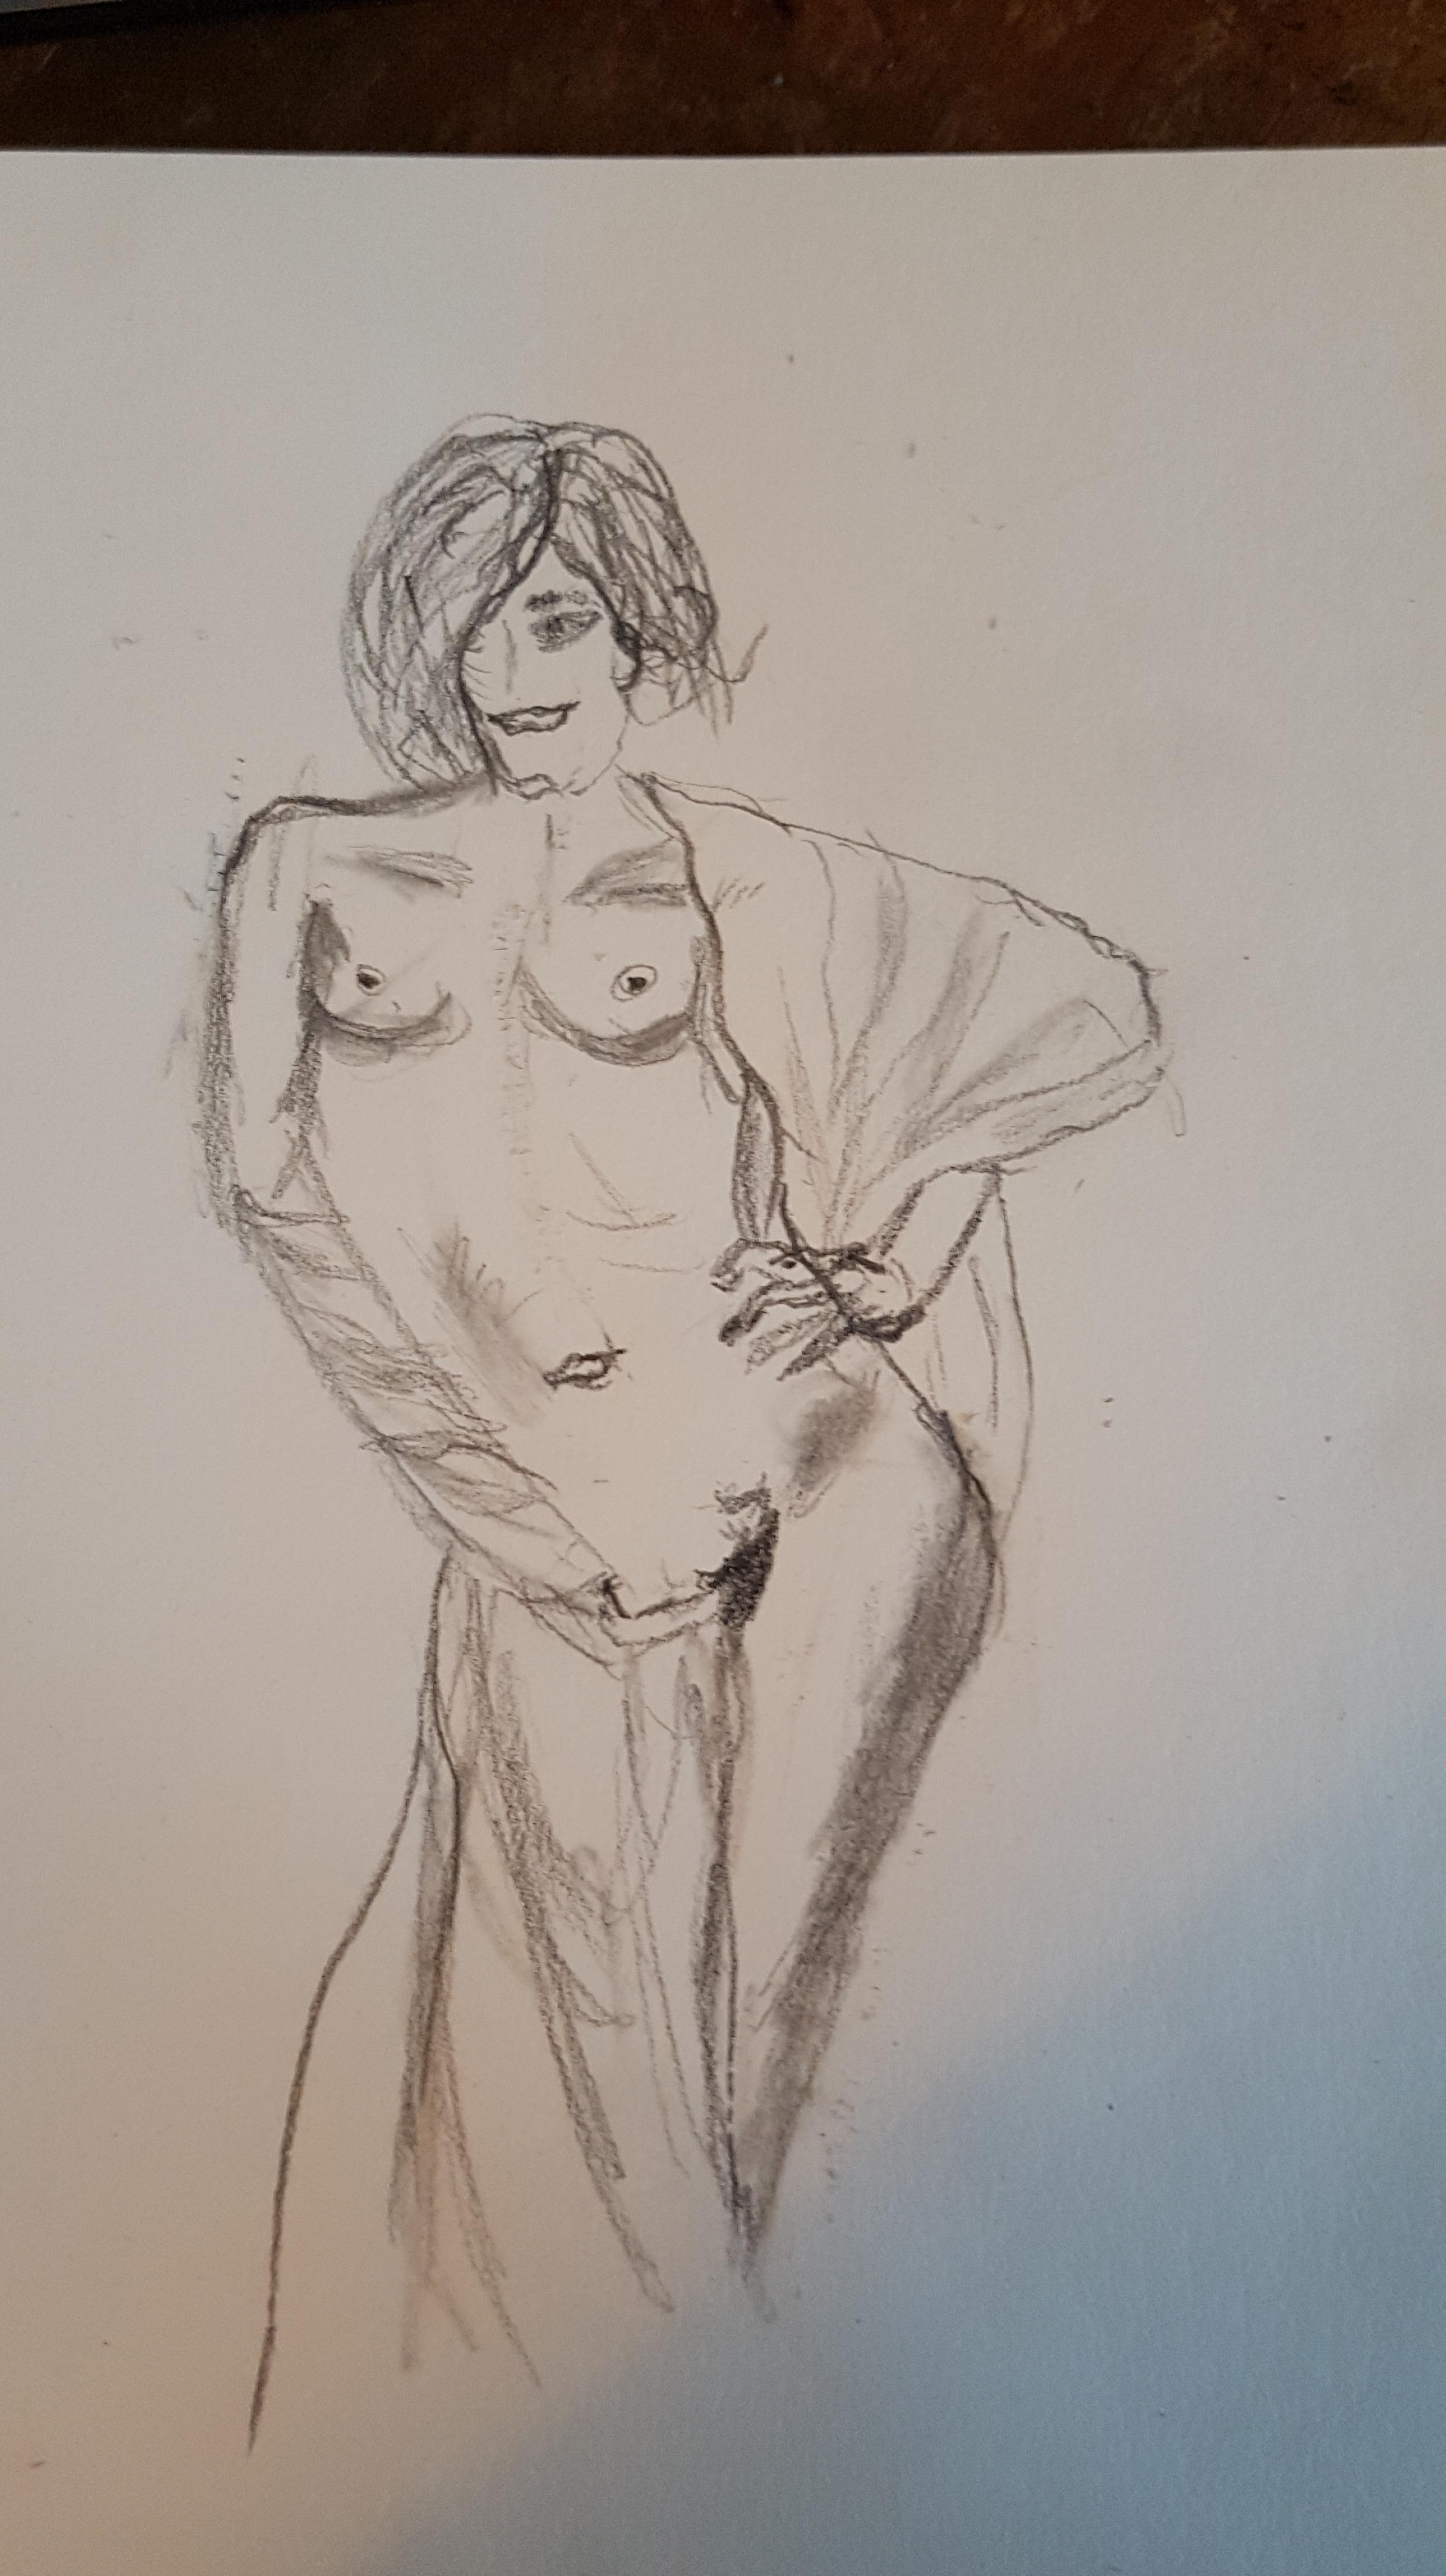 Dessin portraits femmes mon pied avec draper graphite  cours de dessin